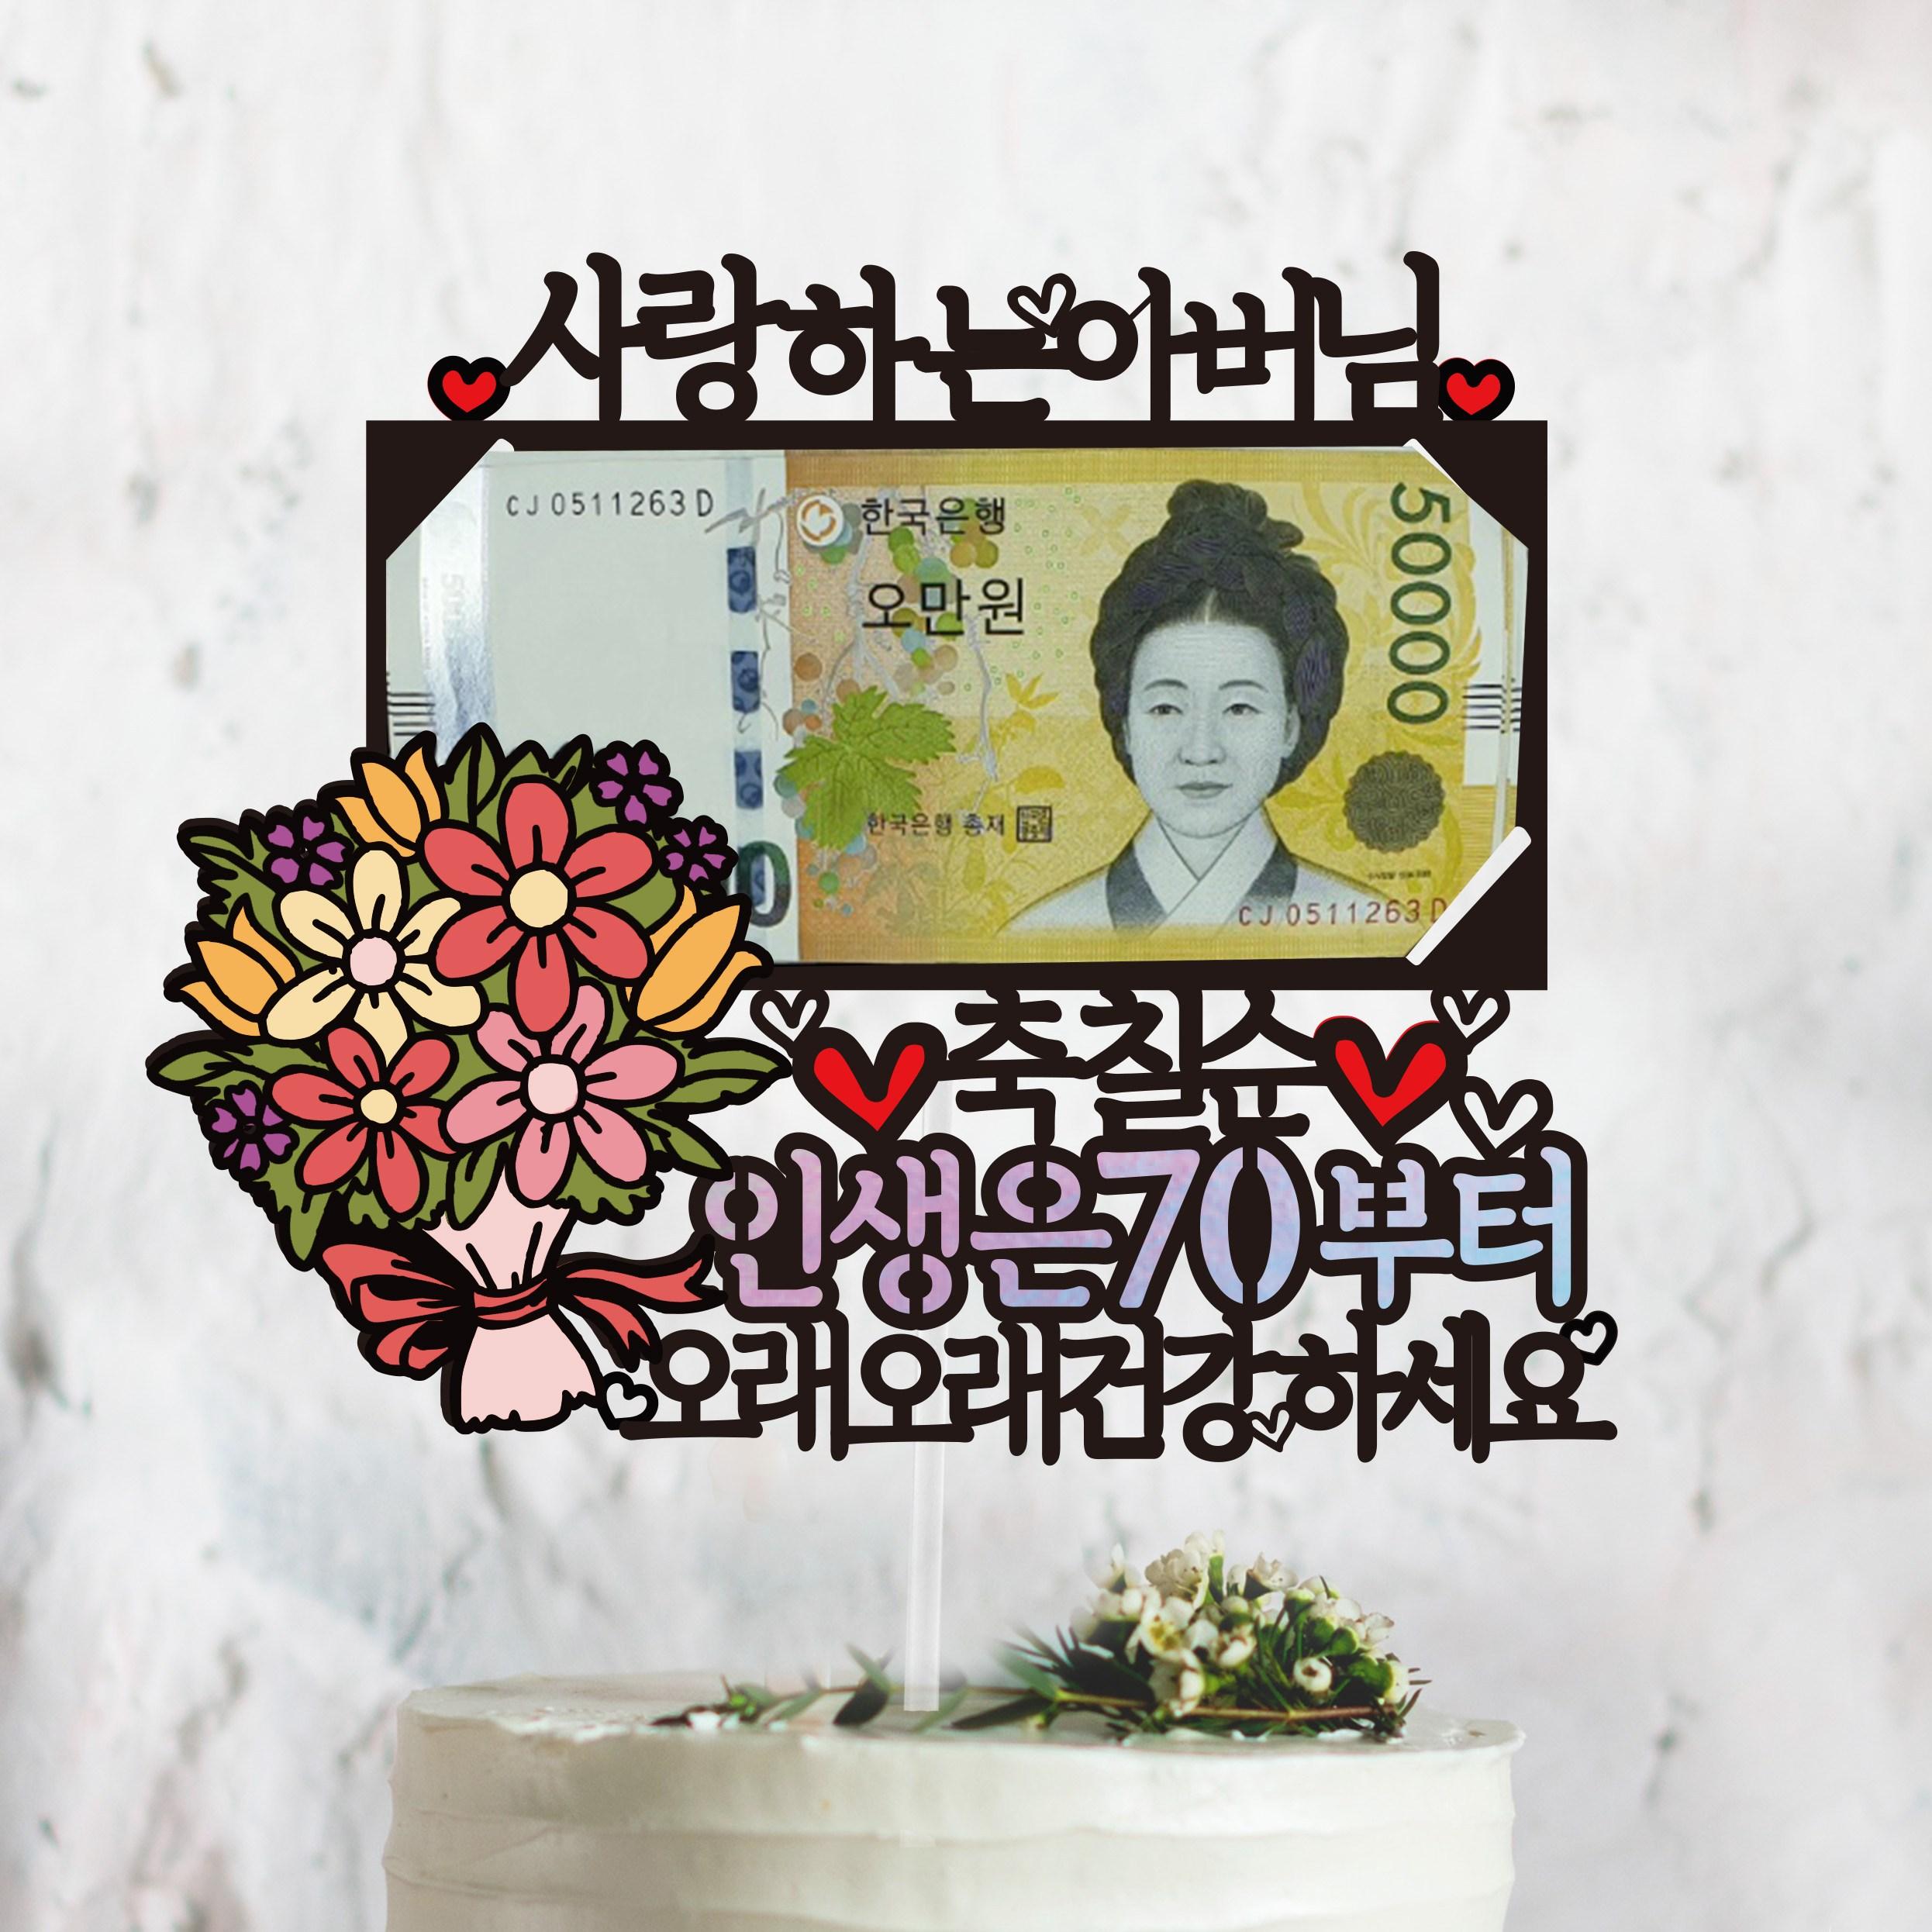 써봄토퍼 꽃다발 용돈토퍼[인생은-부터] 생신 환갑 생일 어버이날 케이크토퍼, 축칠순-인생은70부터